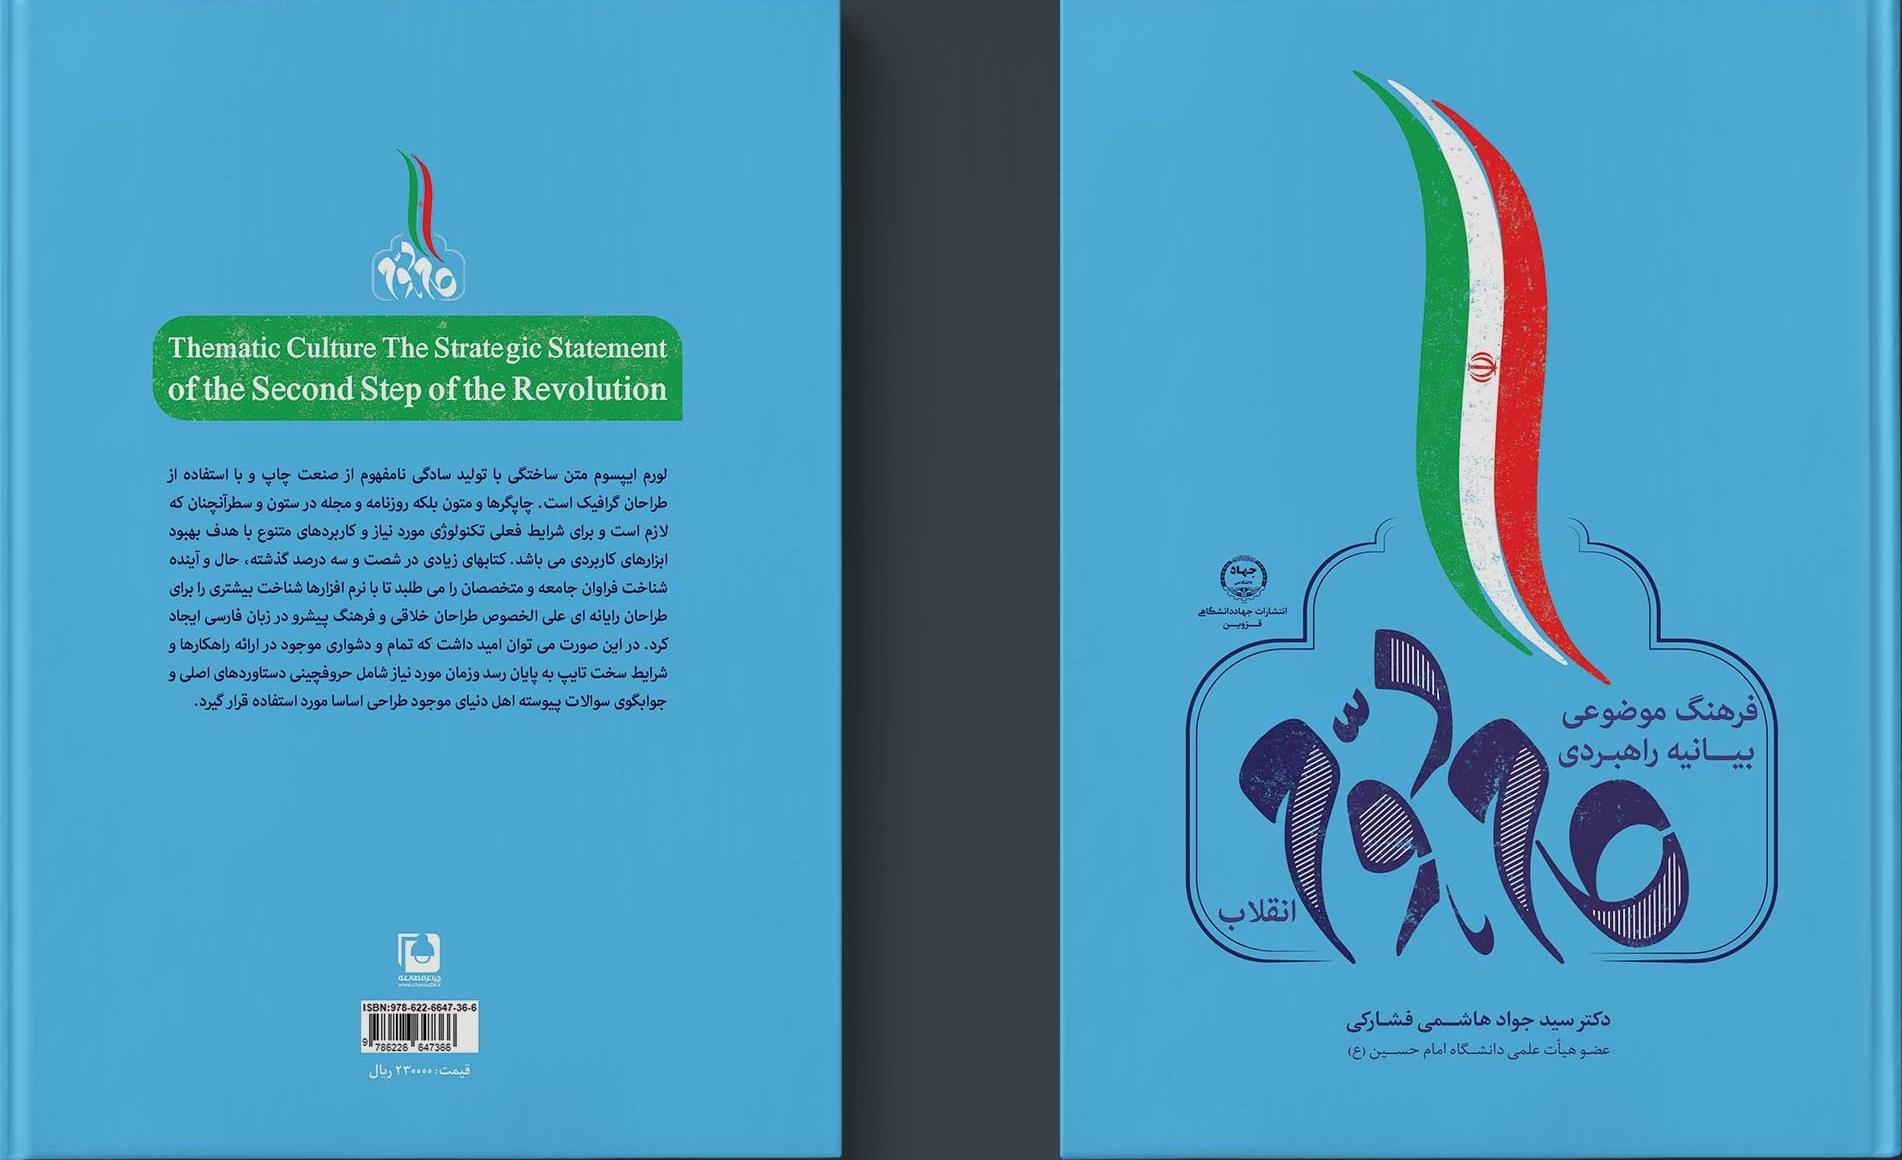 معنویت و اخلاق در گام دوم انقلاب اسلامی